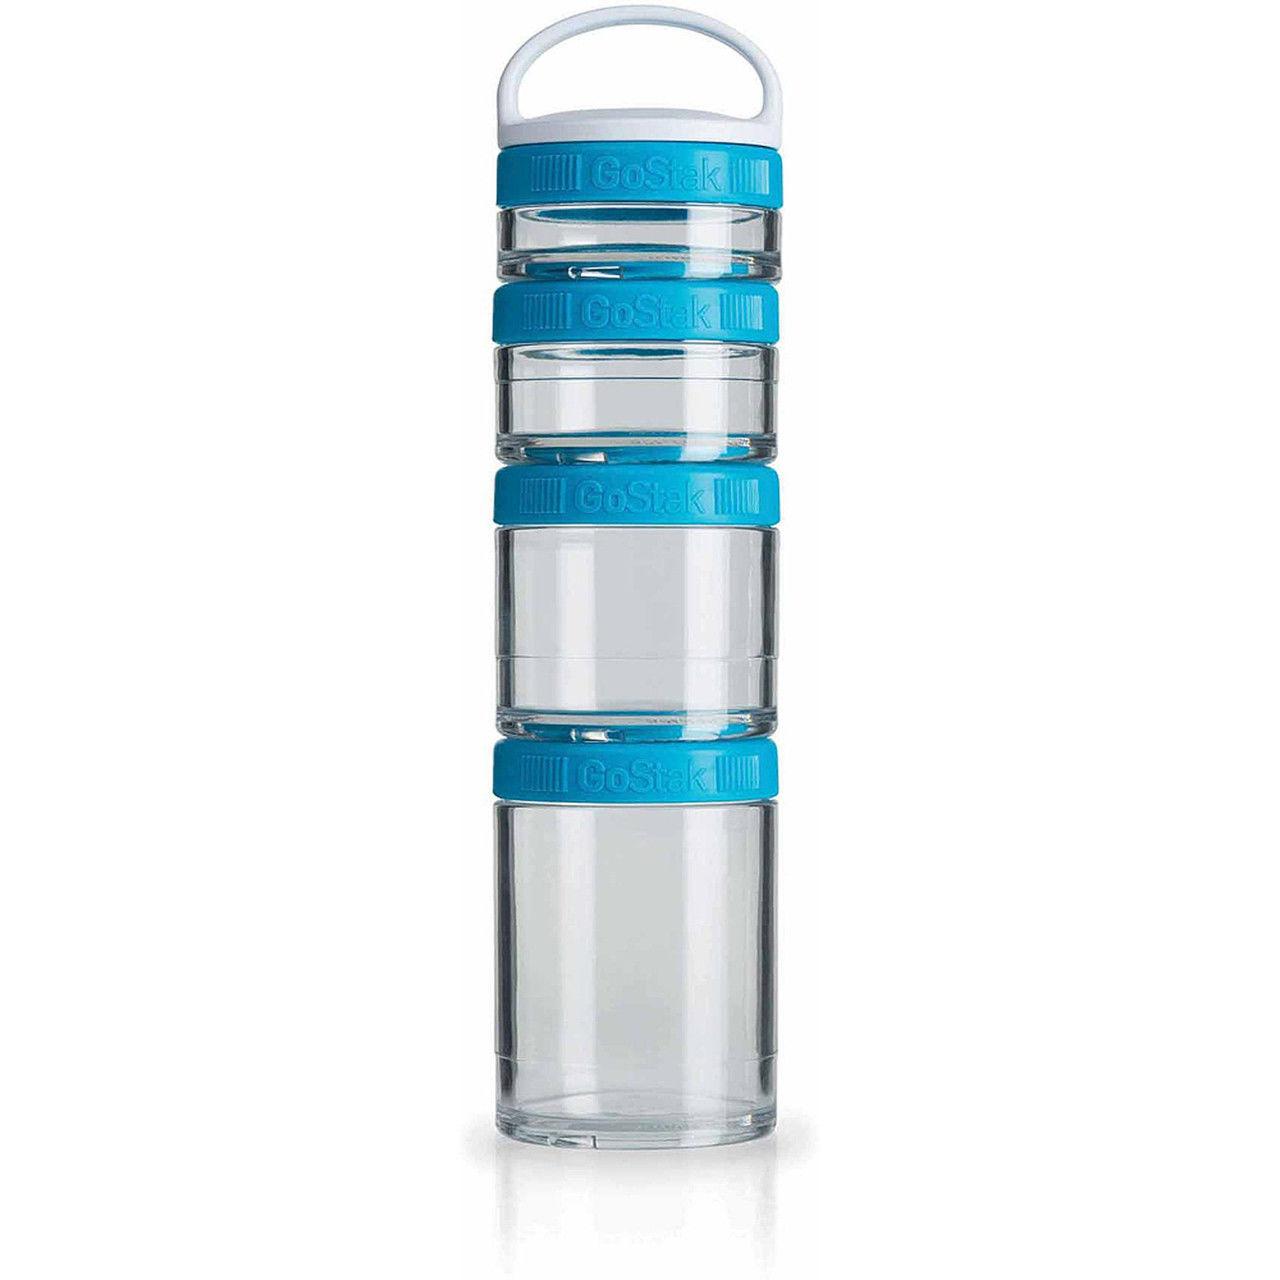 Контейнер спортивный BlenderBottle GoStak Starter 4 Pak (ORIGINAL) Aqua фото видео изображение